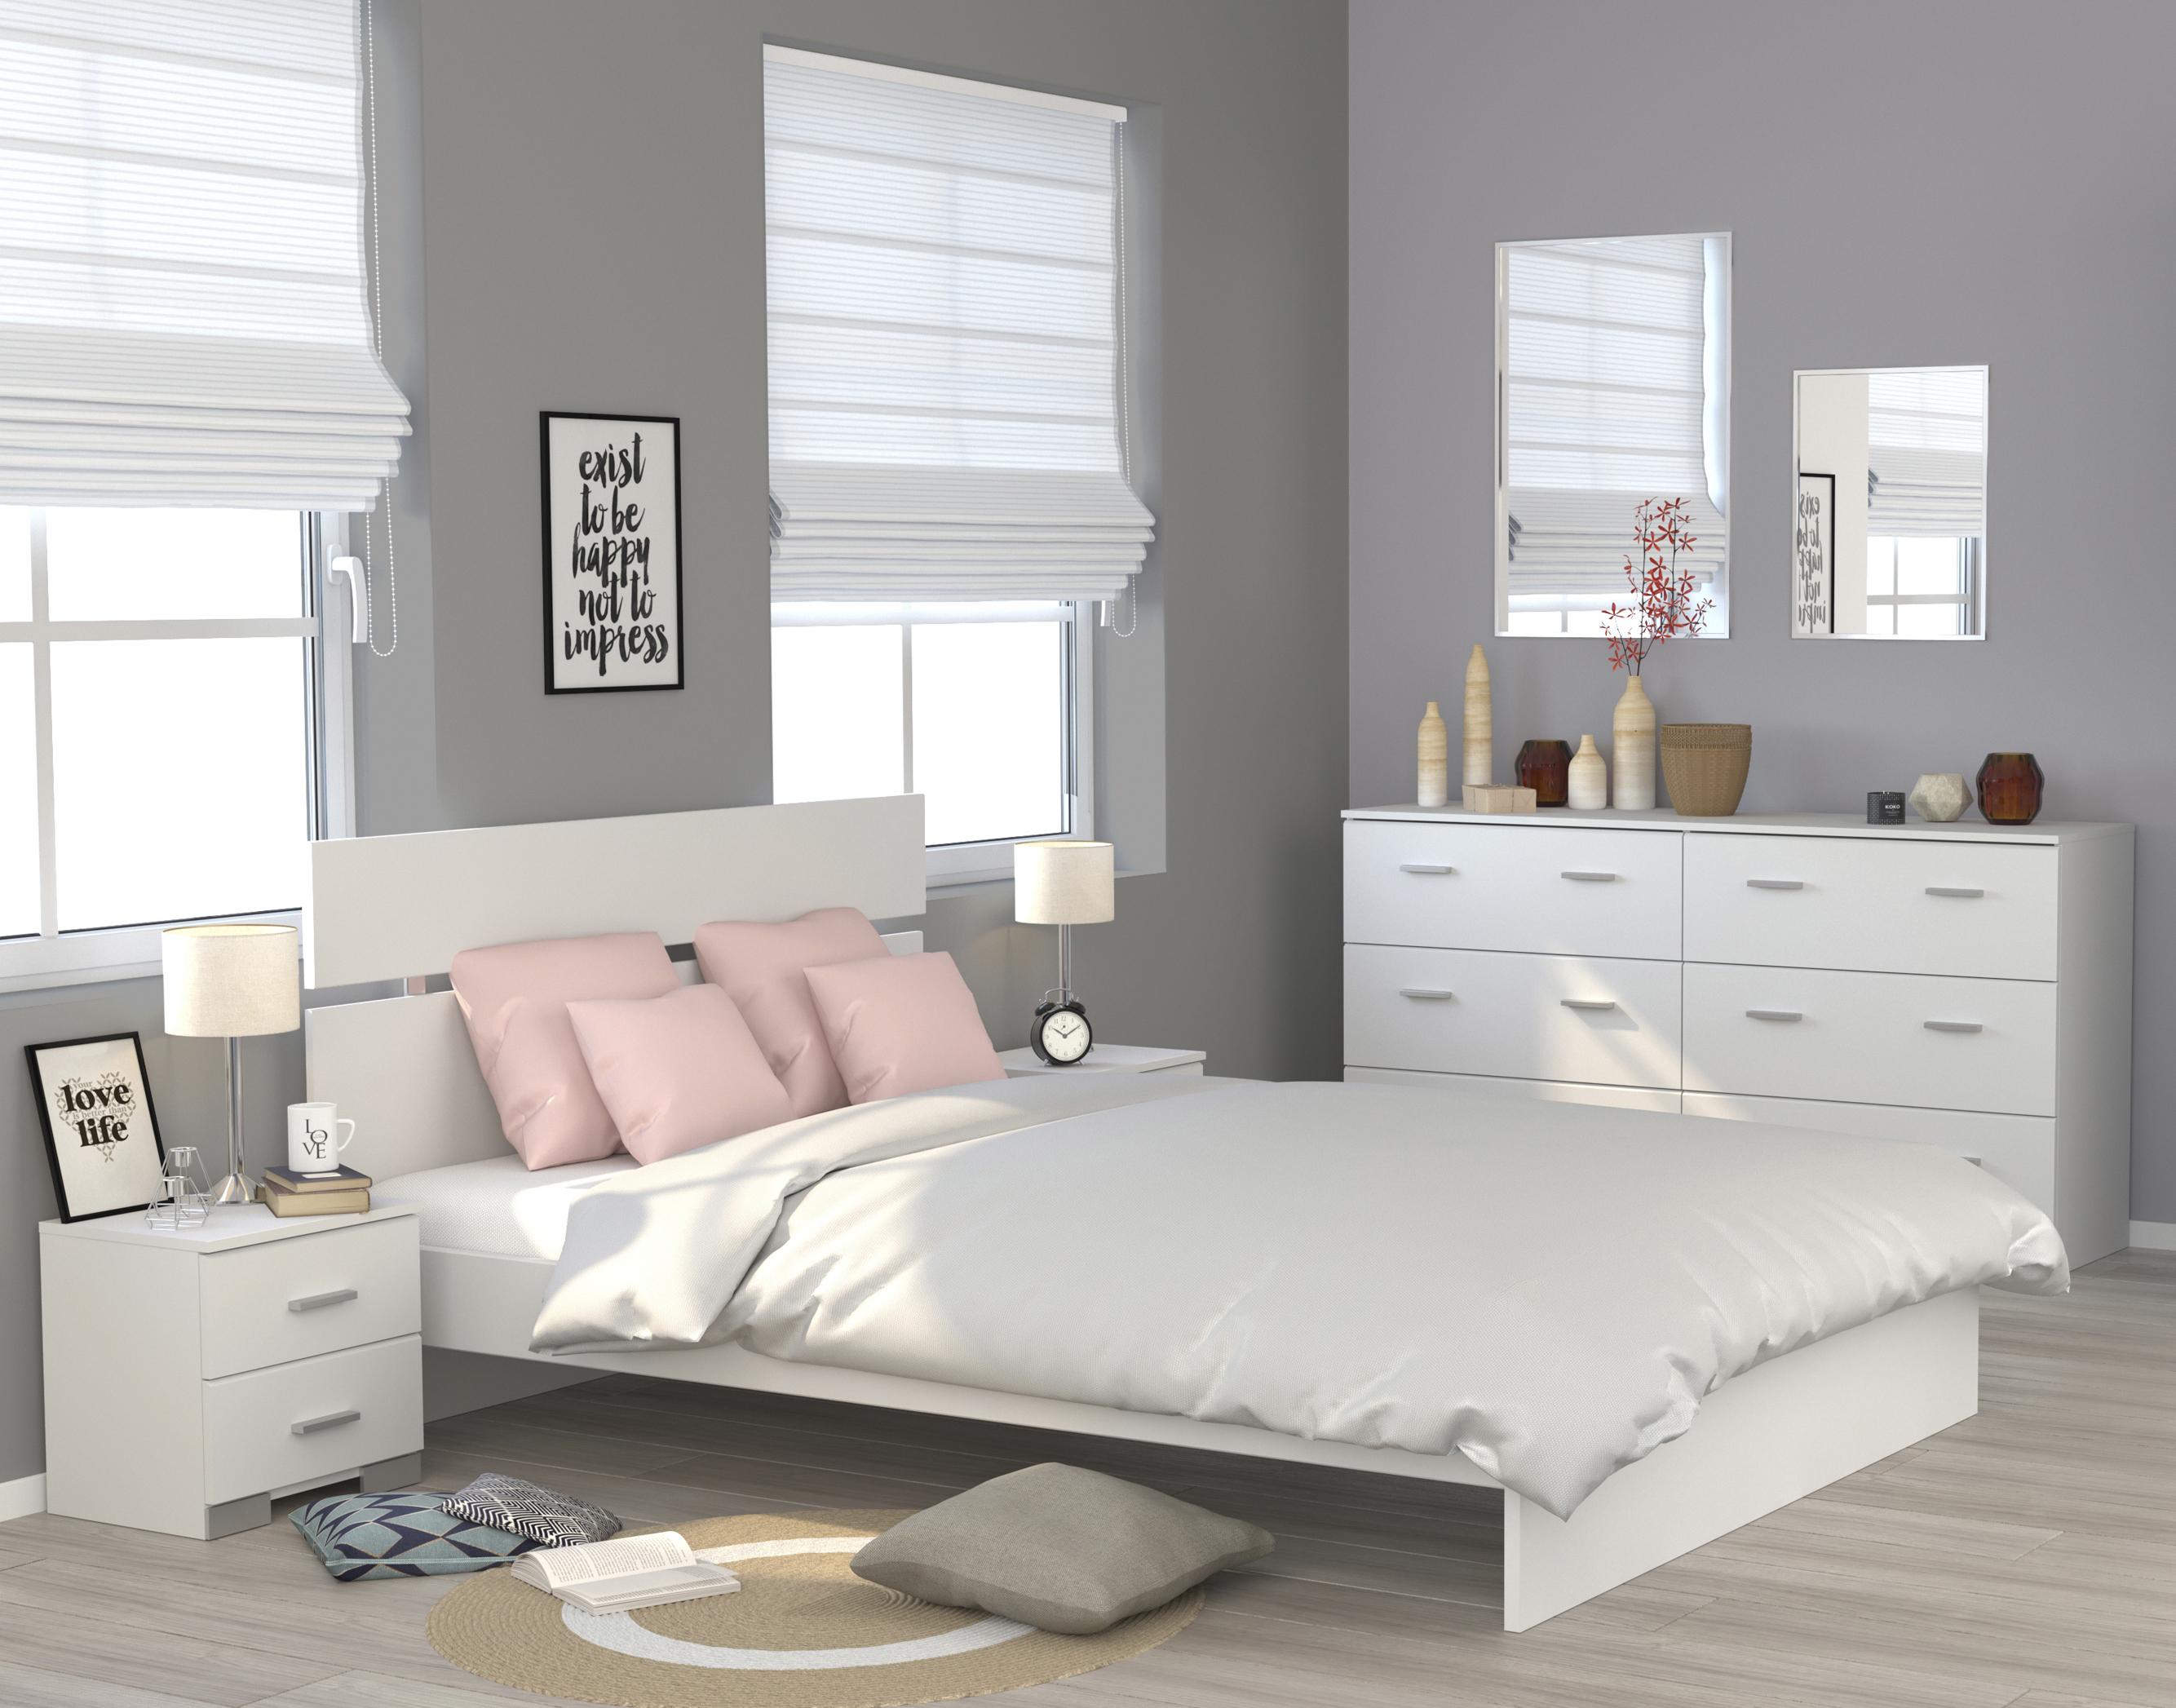 Schlafzimmerset 4-tlg inkl 140x200 Bett Galaxy 123 von Parisot Weiss